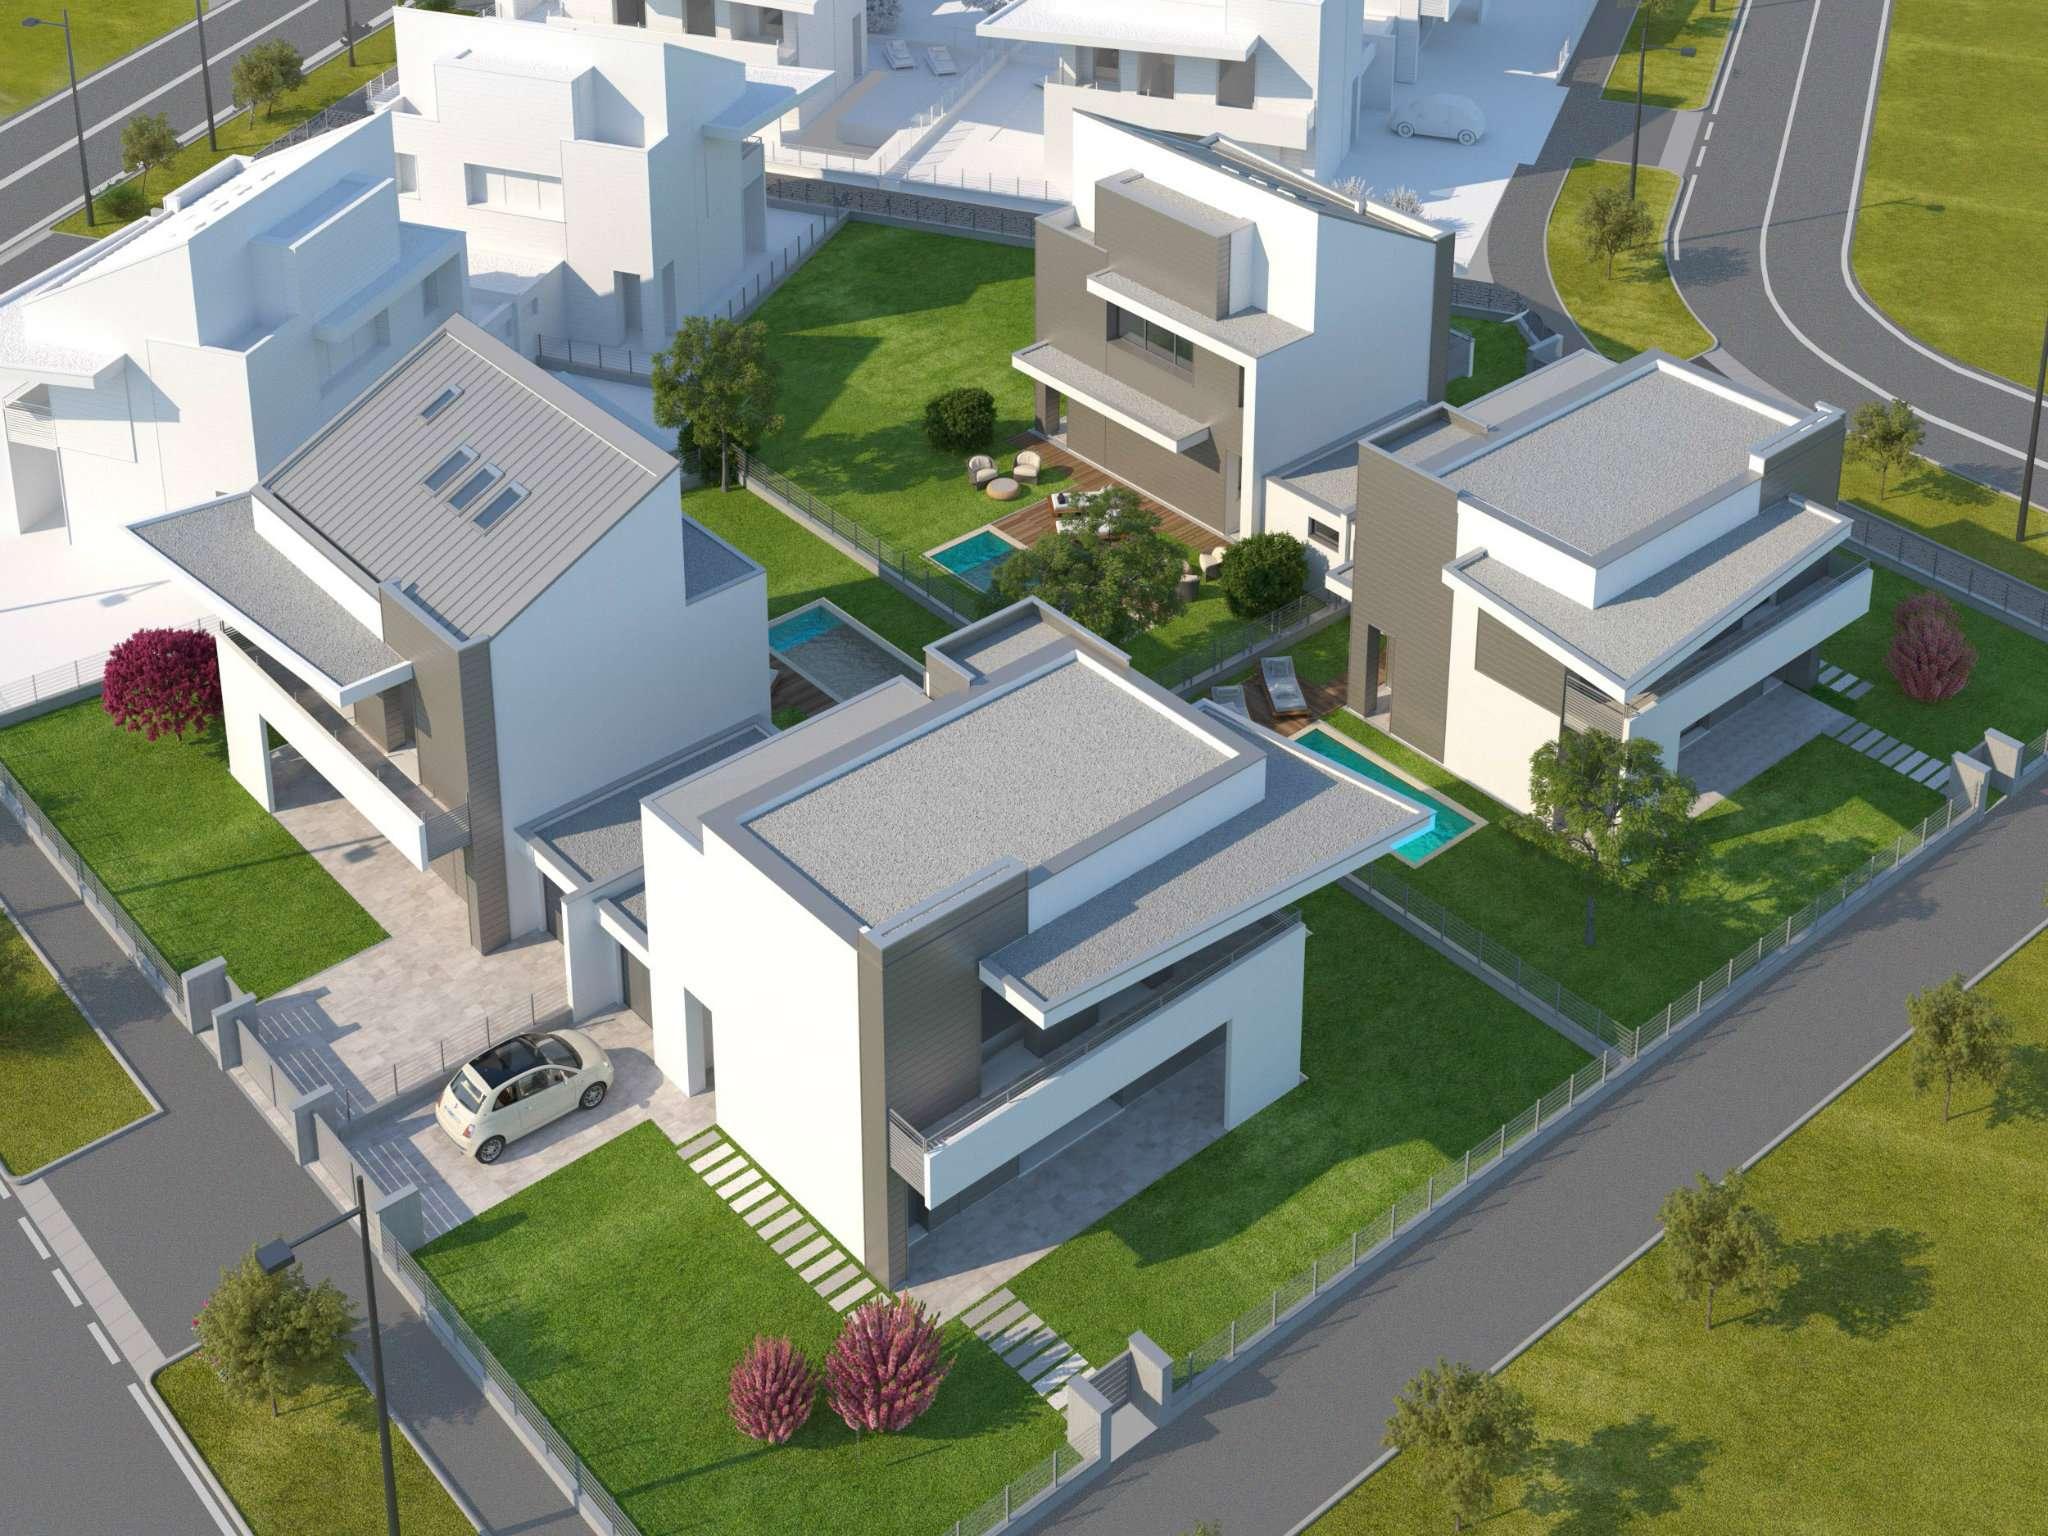 Villa Bifamiliare in vendita a Cesena, 4 locali, prezzo € 395.000 | CambioCasa.it